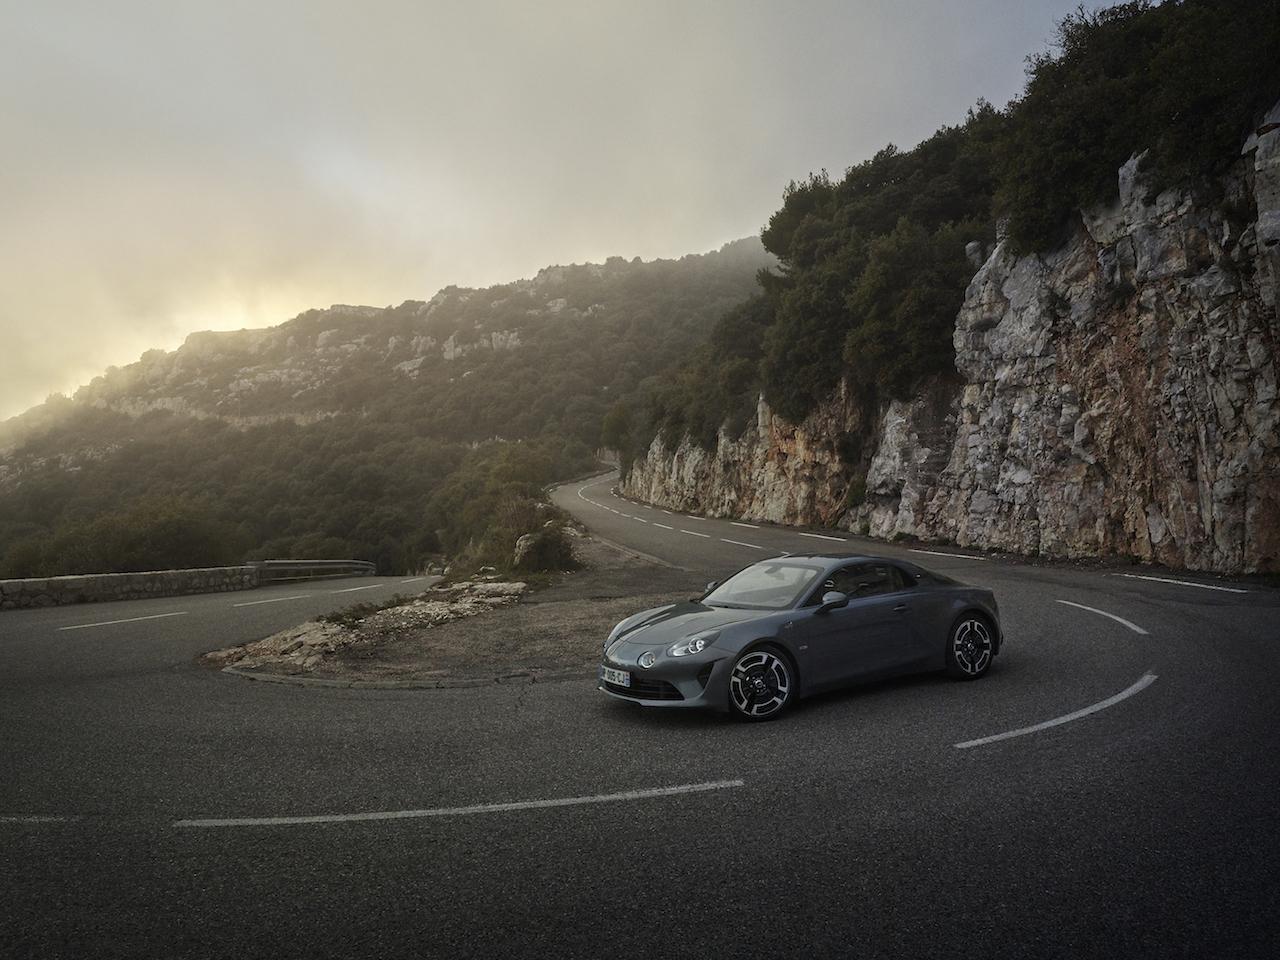 「新生アルピーヌにわずか10台限定の左ハンドルモデル「A110 リネージ リミテッド」が登場【新車】」の3枚目の画像